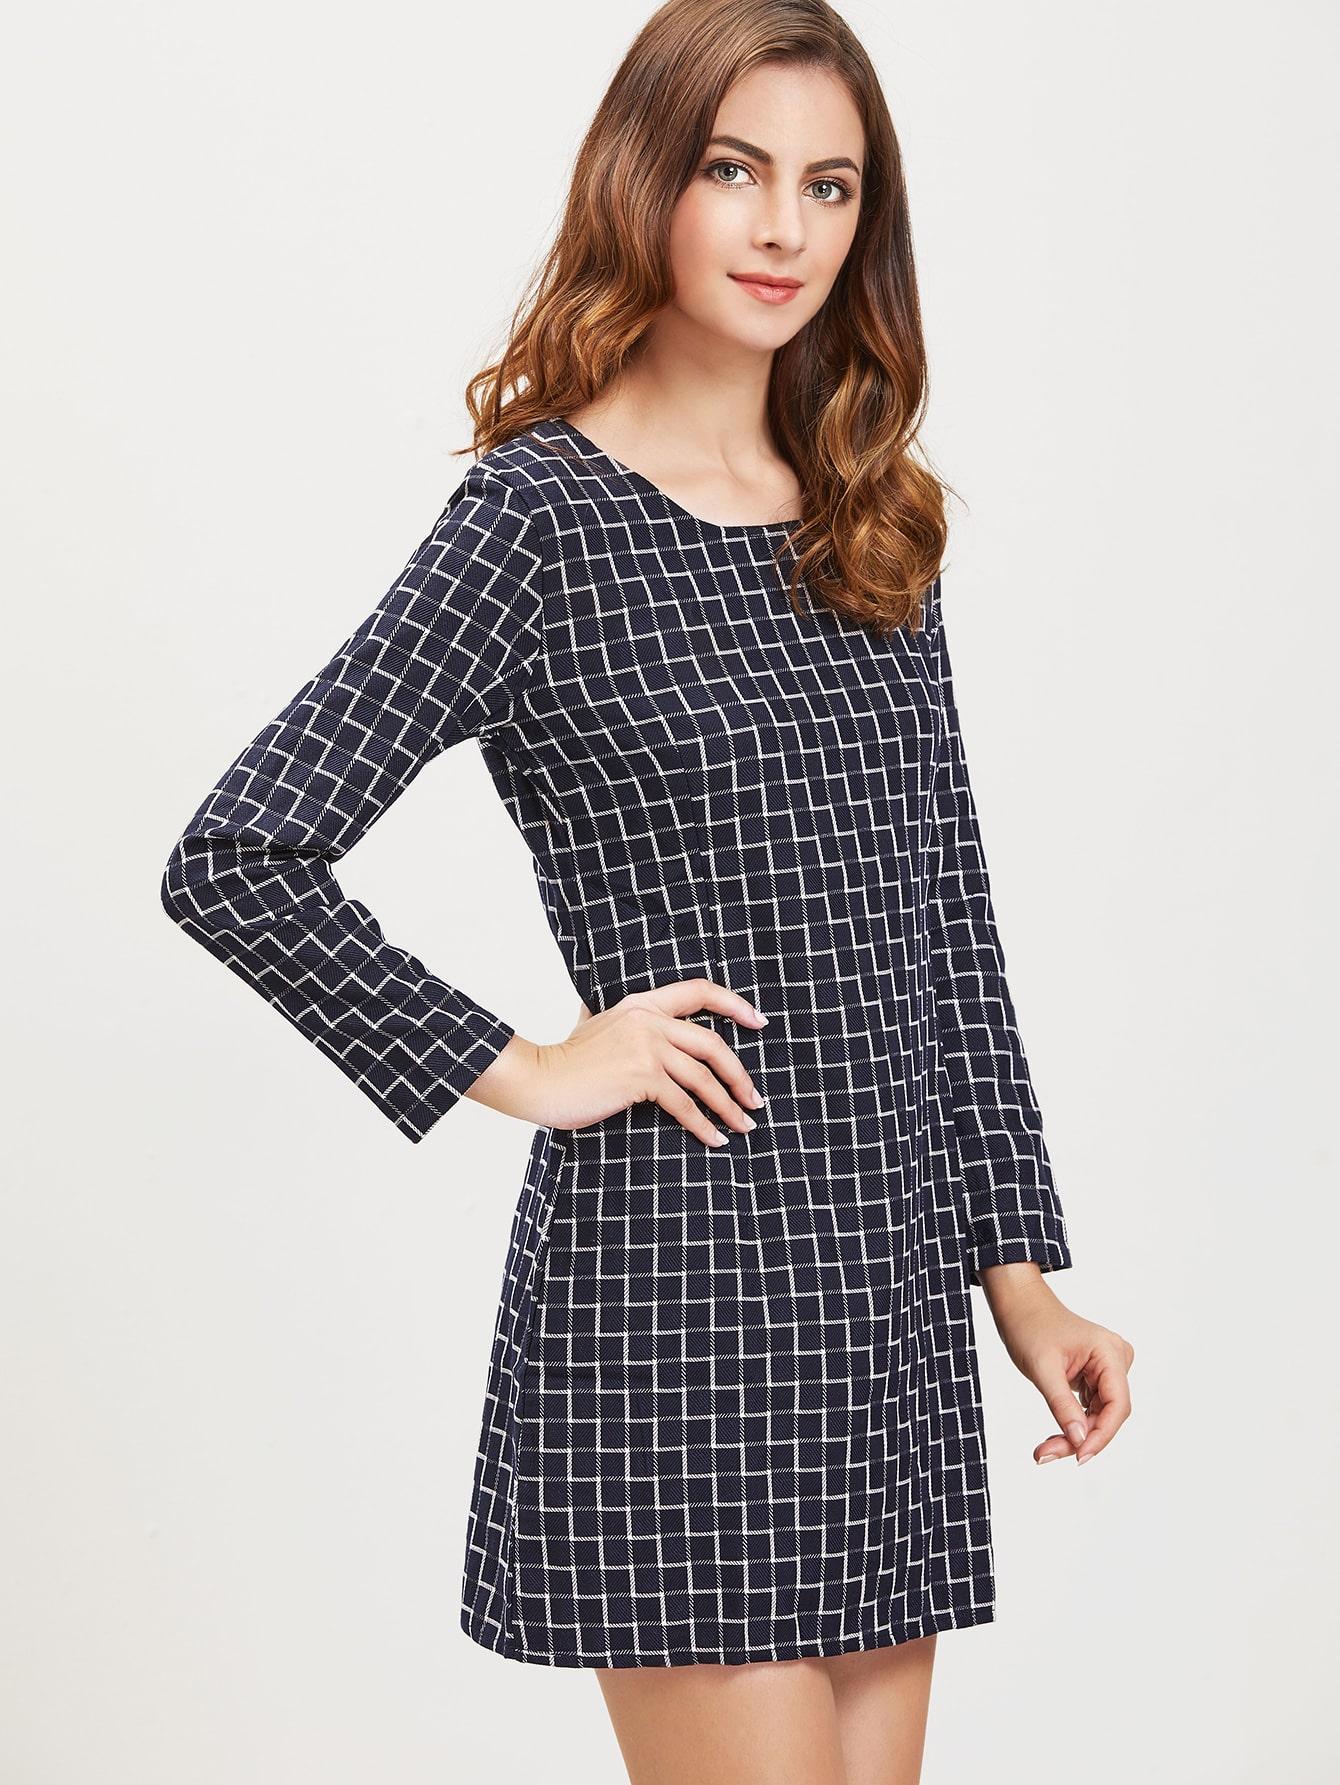 dress170110144_2